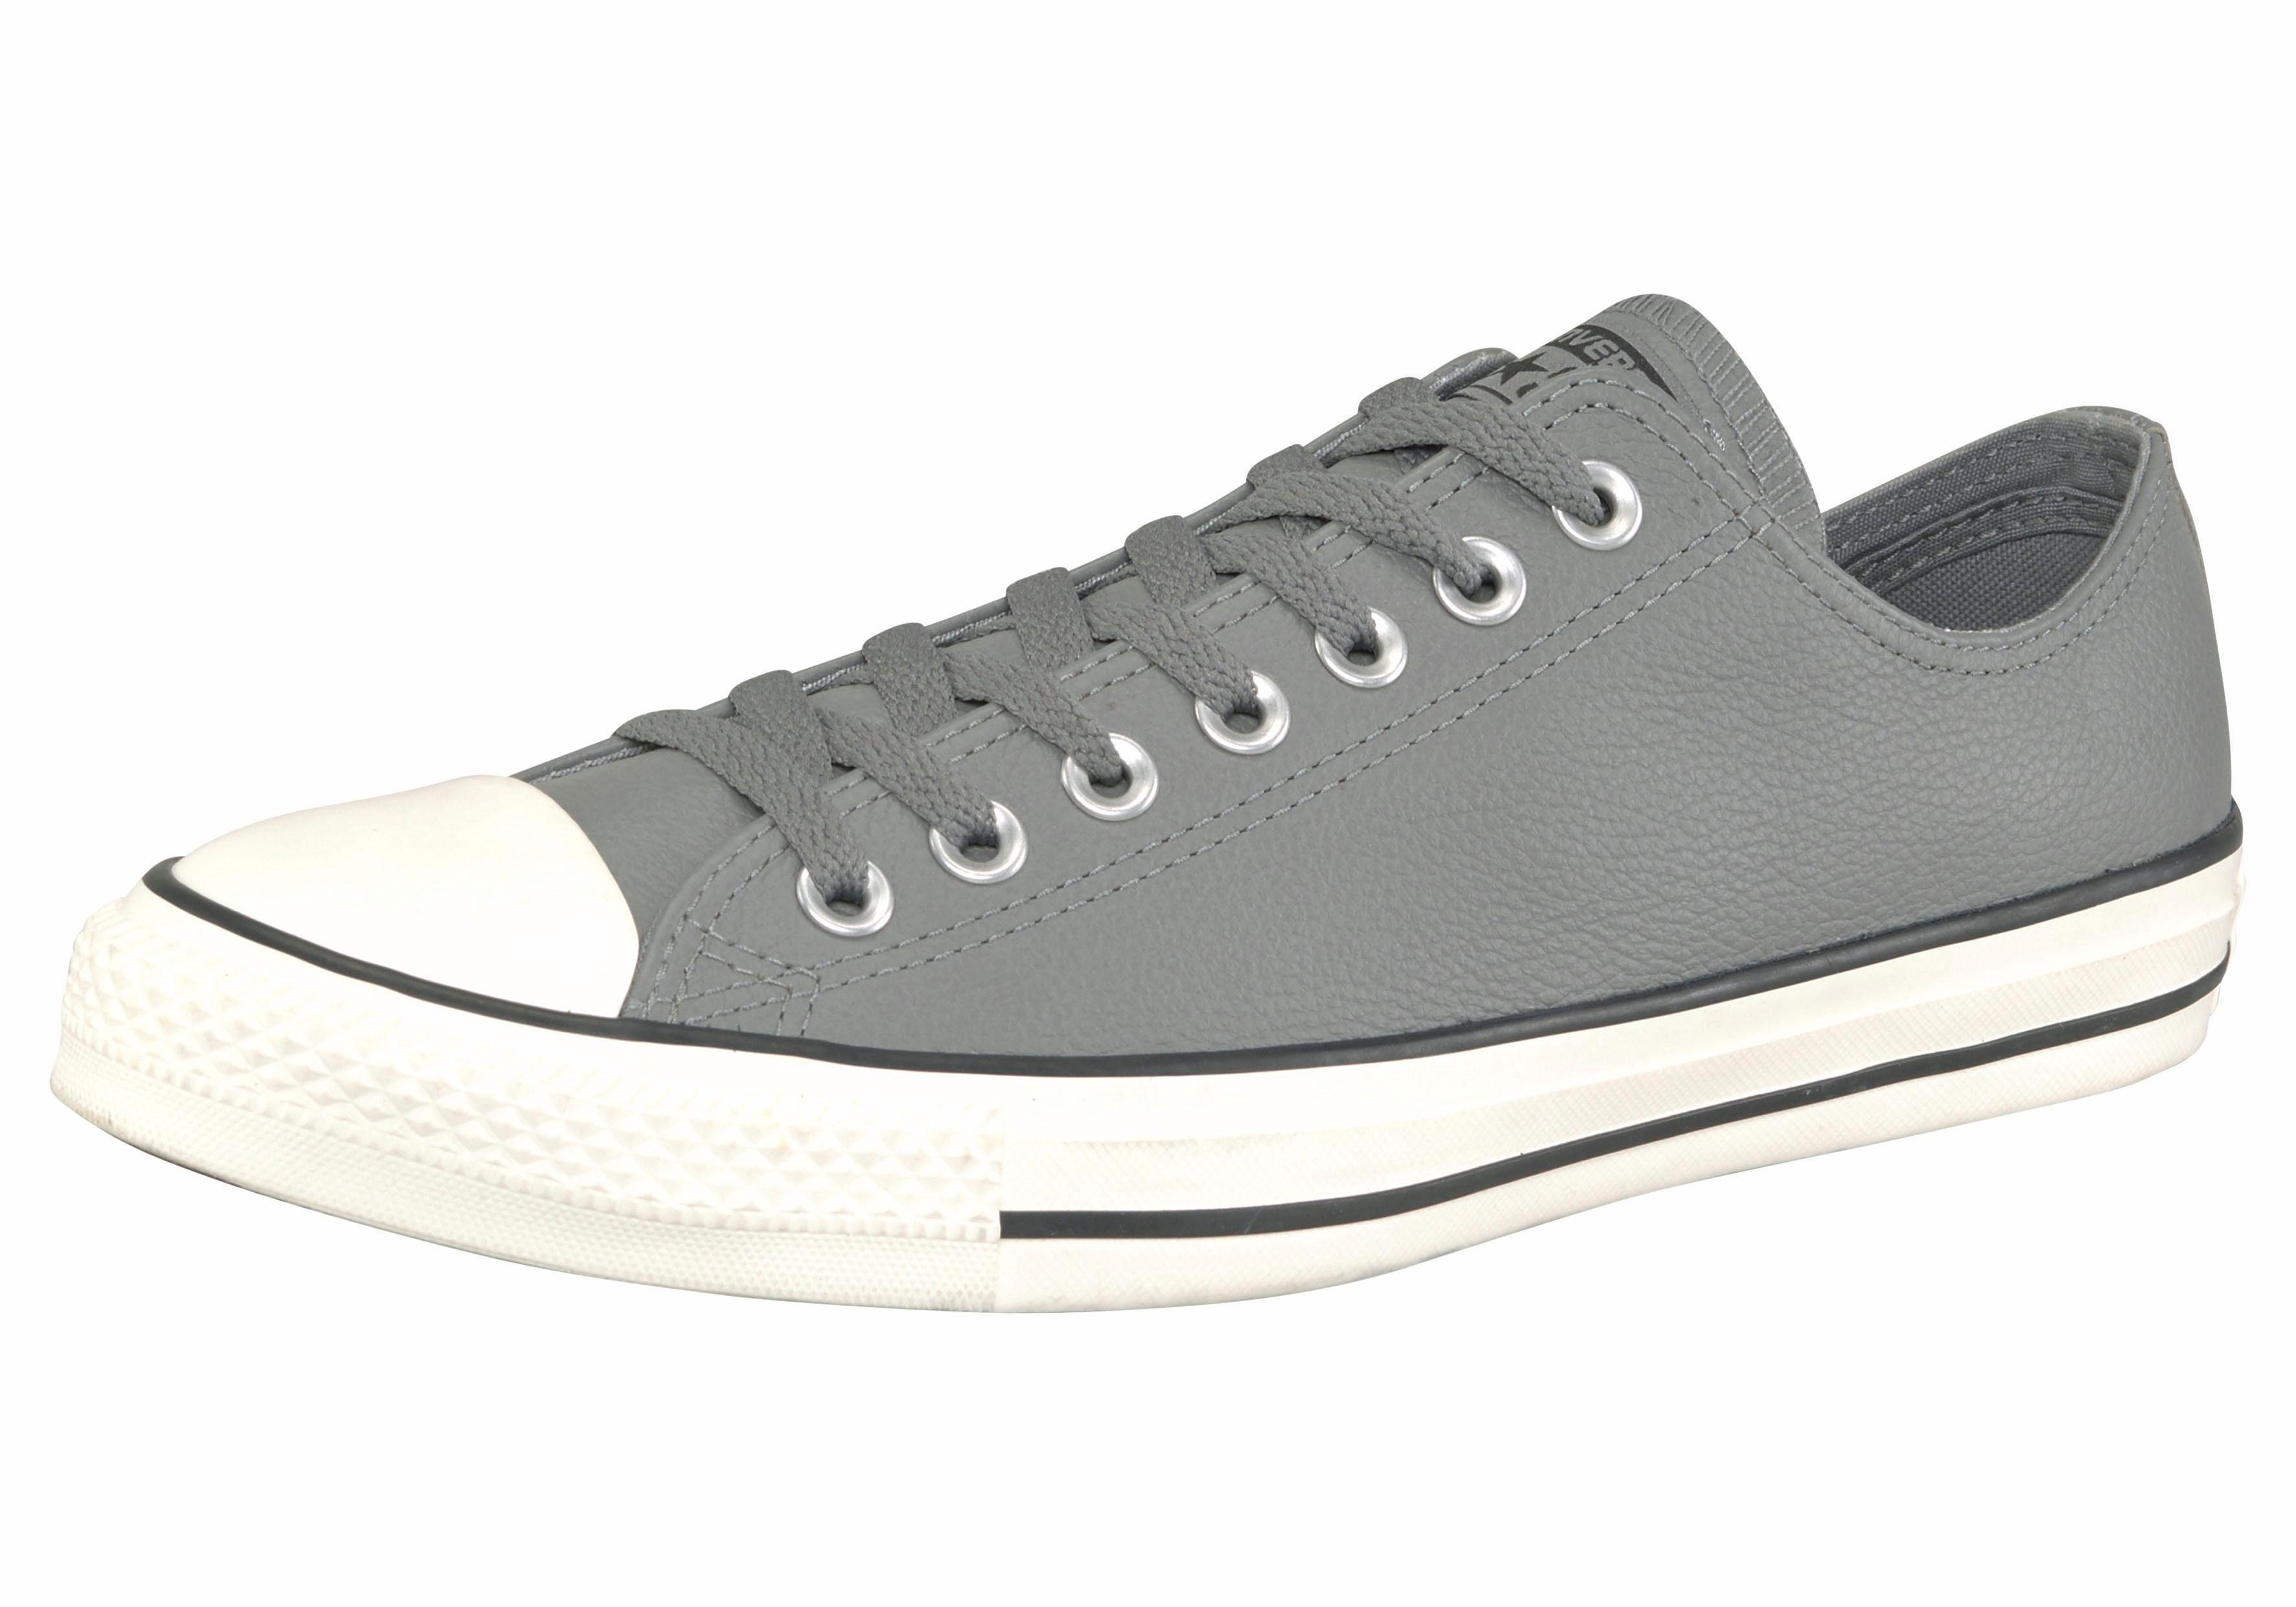 Gris Chaussures Converse Joueur Étoile En Taille 46 Hommes dRLtB8D